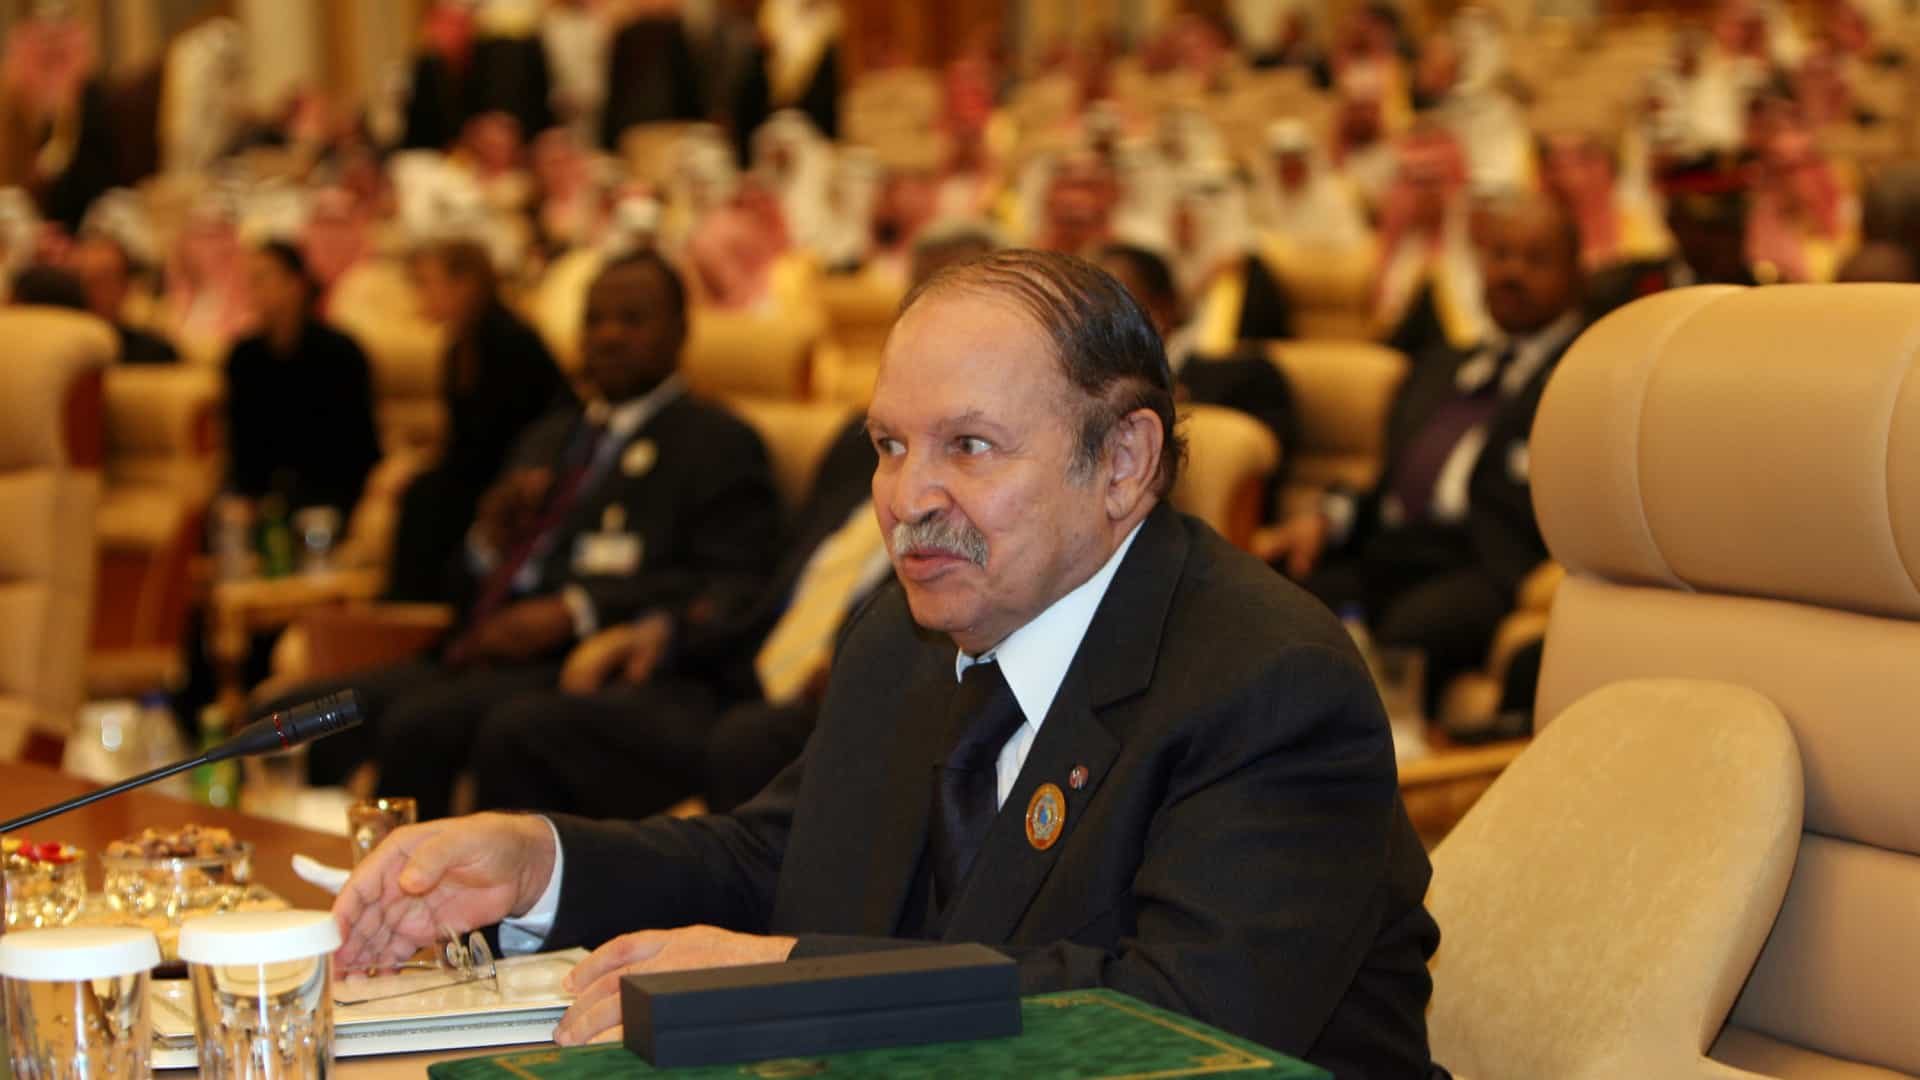 Morreu o ex-presidente da Argélia, Abdelaziz Bouteflika